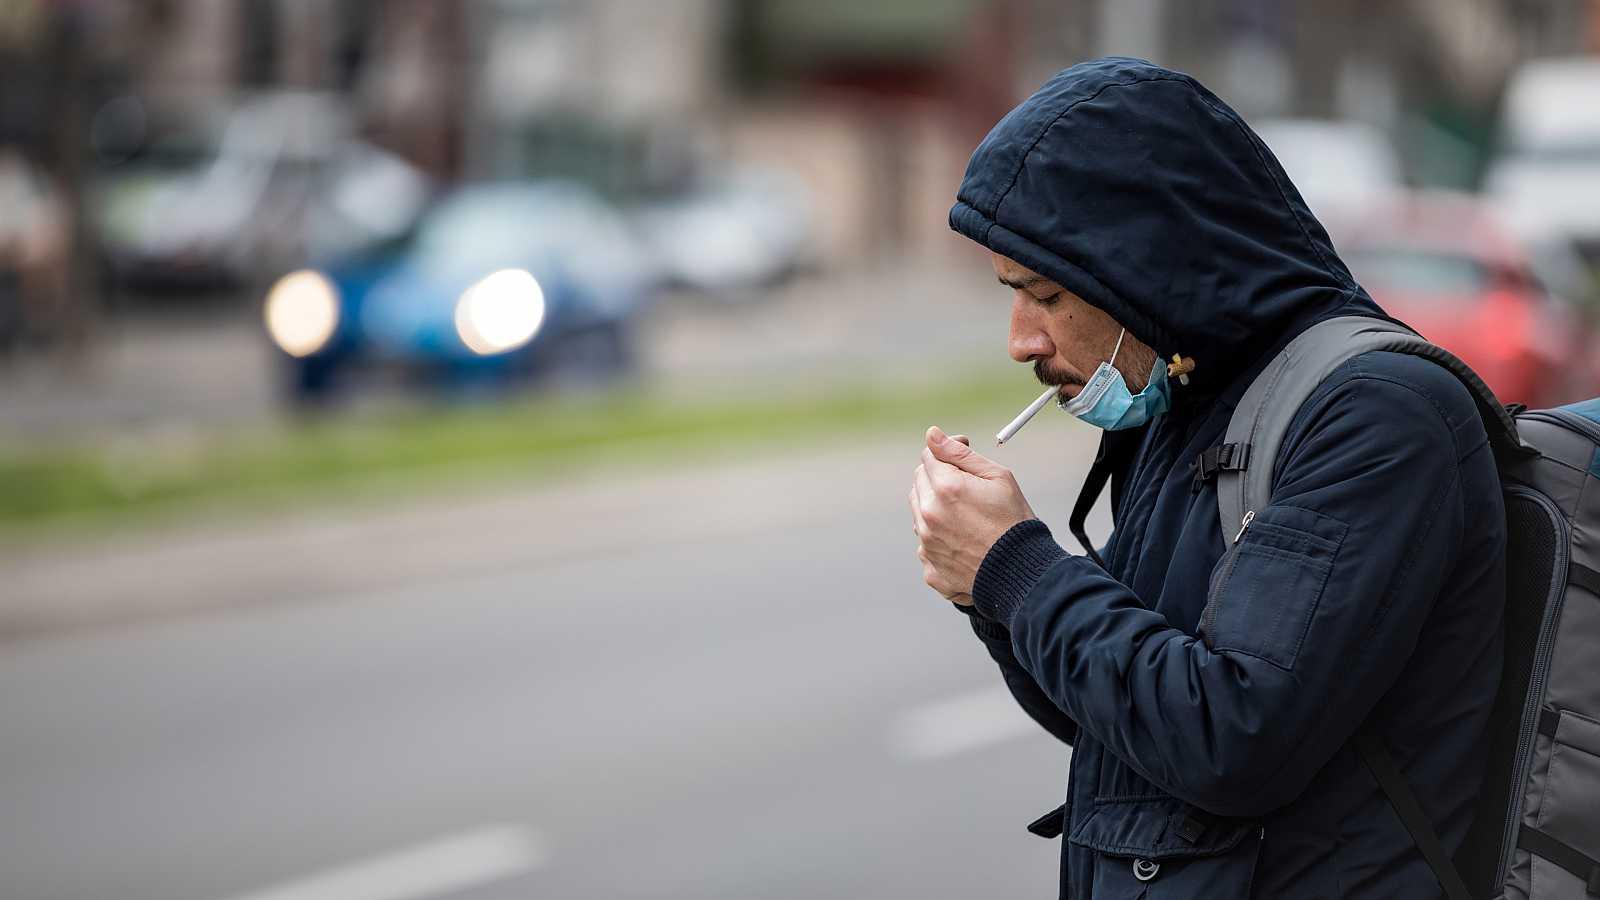 estos son los nuevos lugares dónde se prohíbe fumar en méxico